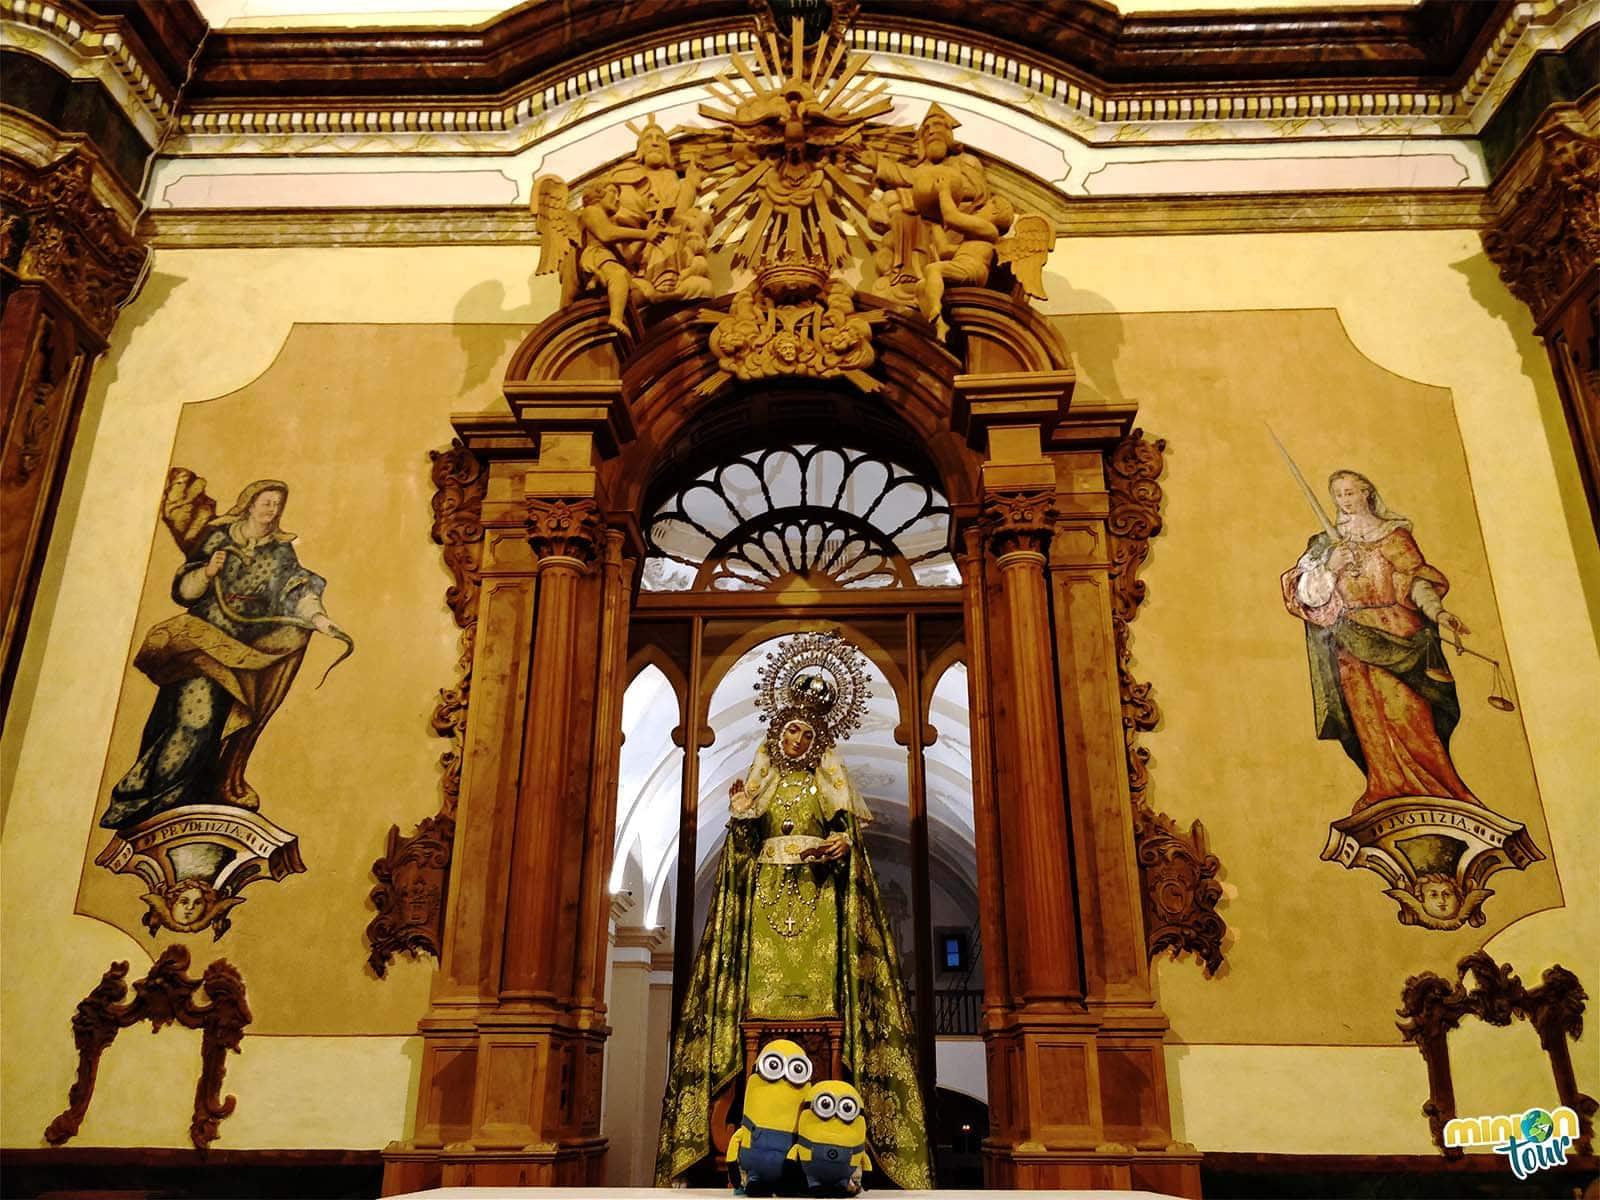 La Virgen de los Remedios de Fuensanta